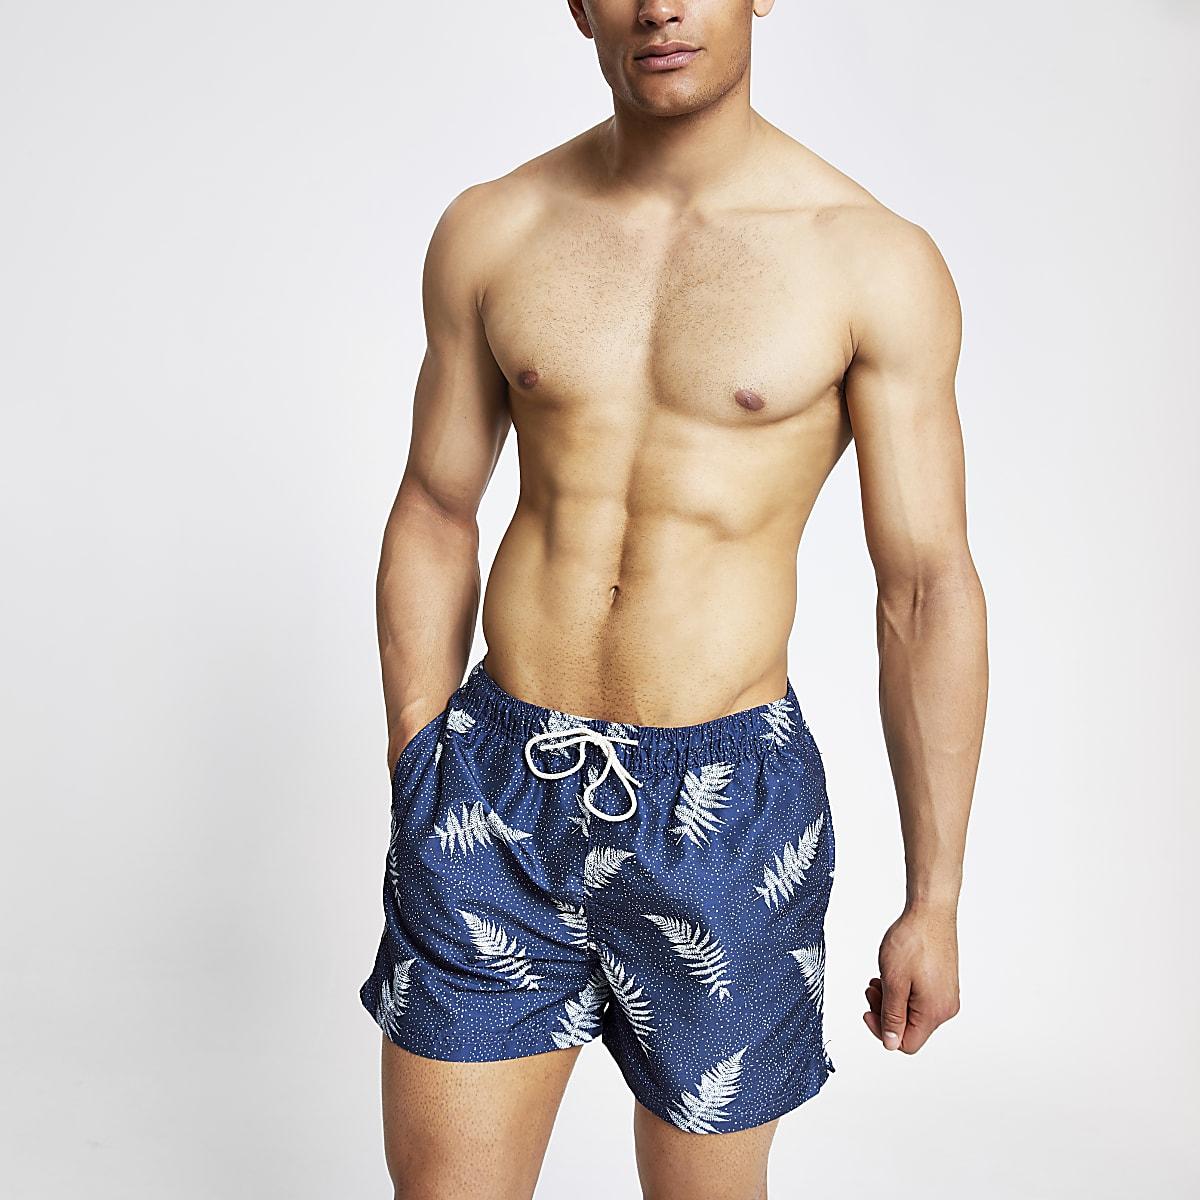 b56aeebf54 Selected Homme – Short de bain imprimé bleu marine - Shorts de bain ...